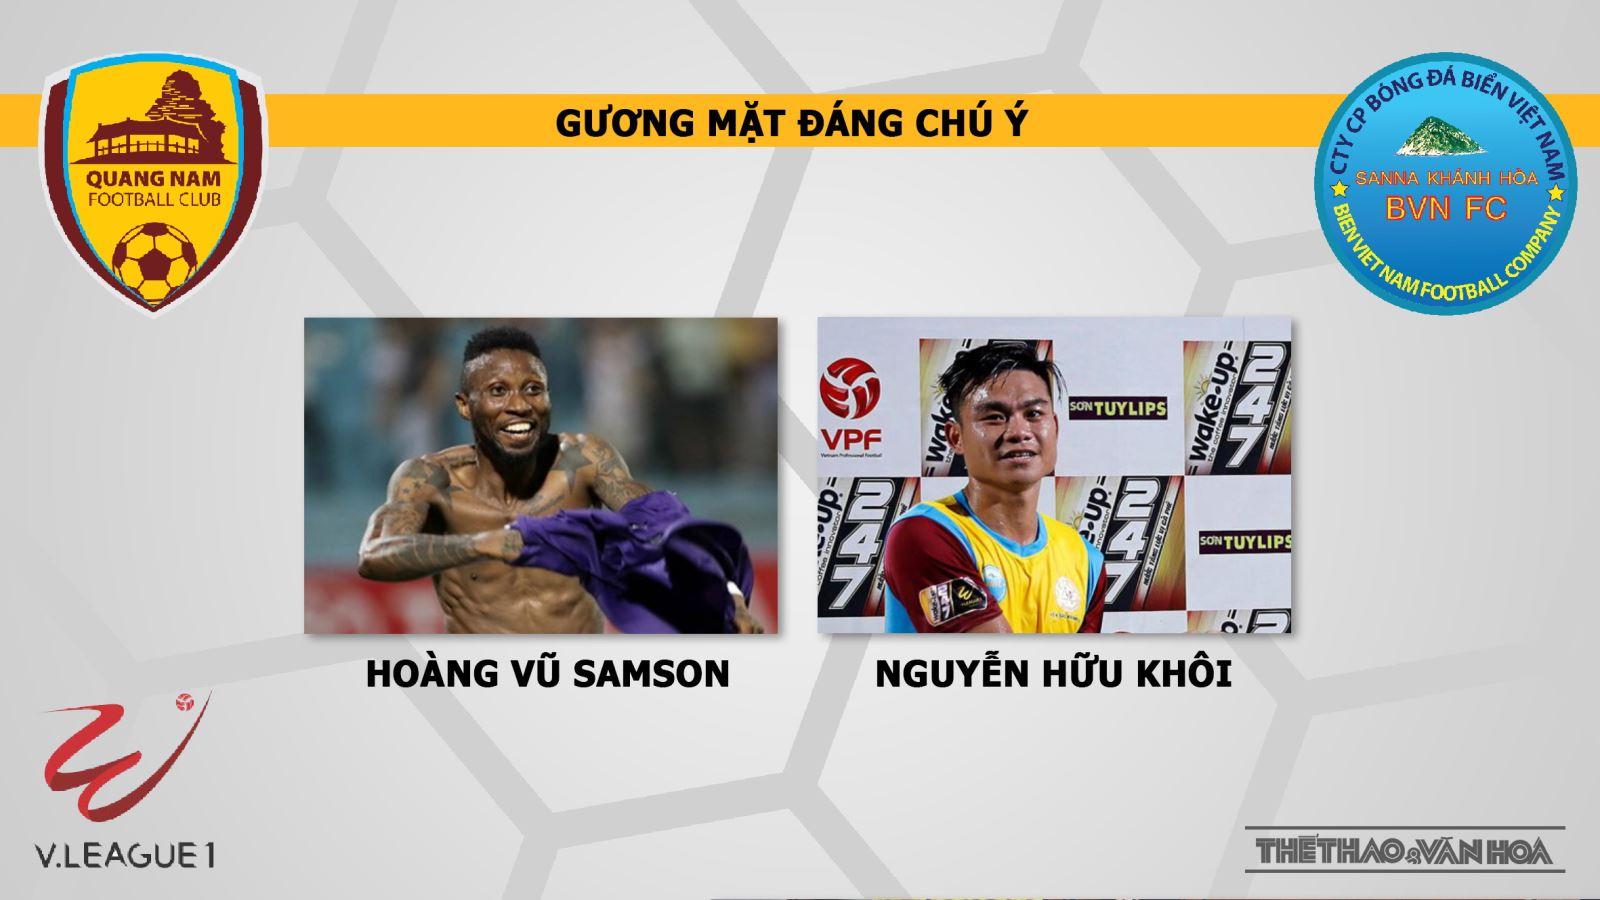 trực tiếp bóng đá, bóng đá Việt Nam, Quảng Nam vs Khánh Hòa, truc tiep bong da hôm nay, Quảng Nam đấu với Khánh Hoà, V League, VTV6, Bóng đá TV, xem bóng đá trực tuyến